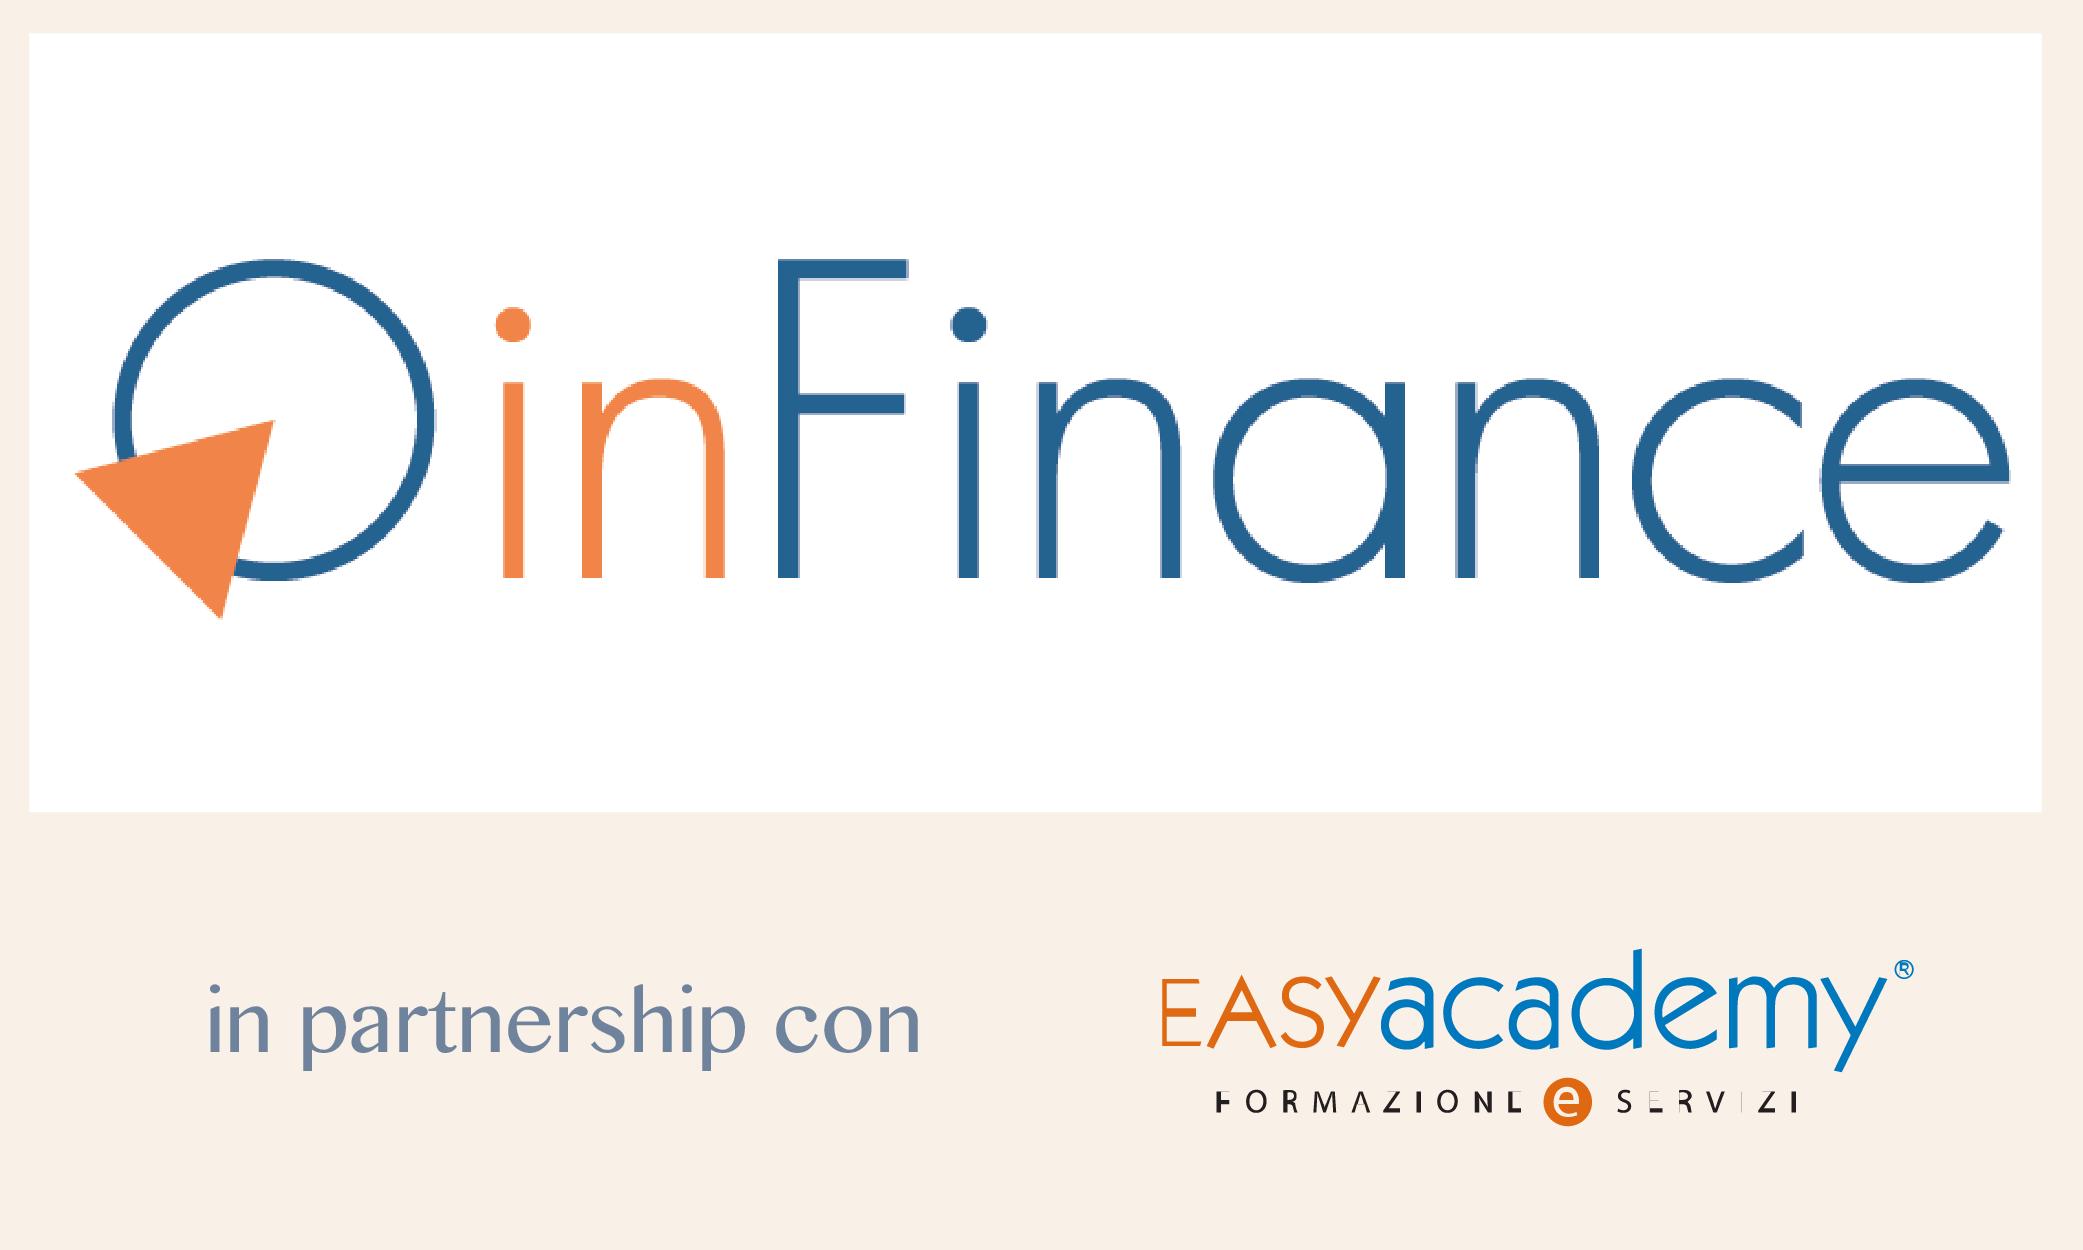 Infinance – Formazione e Consulenza